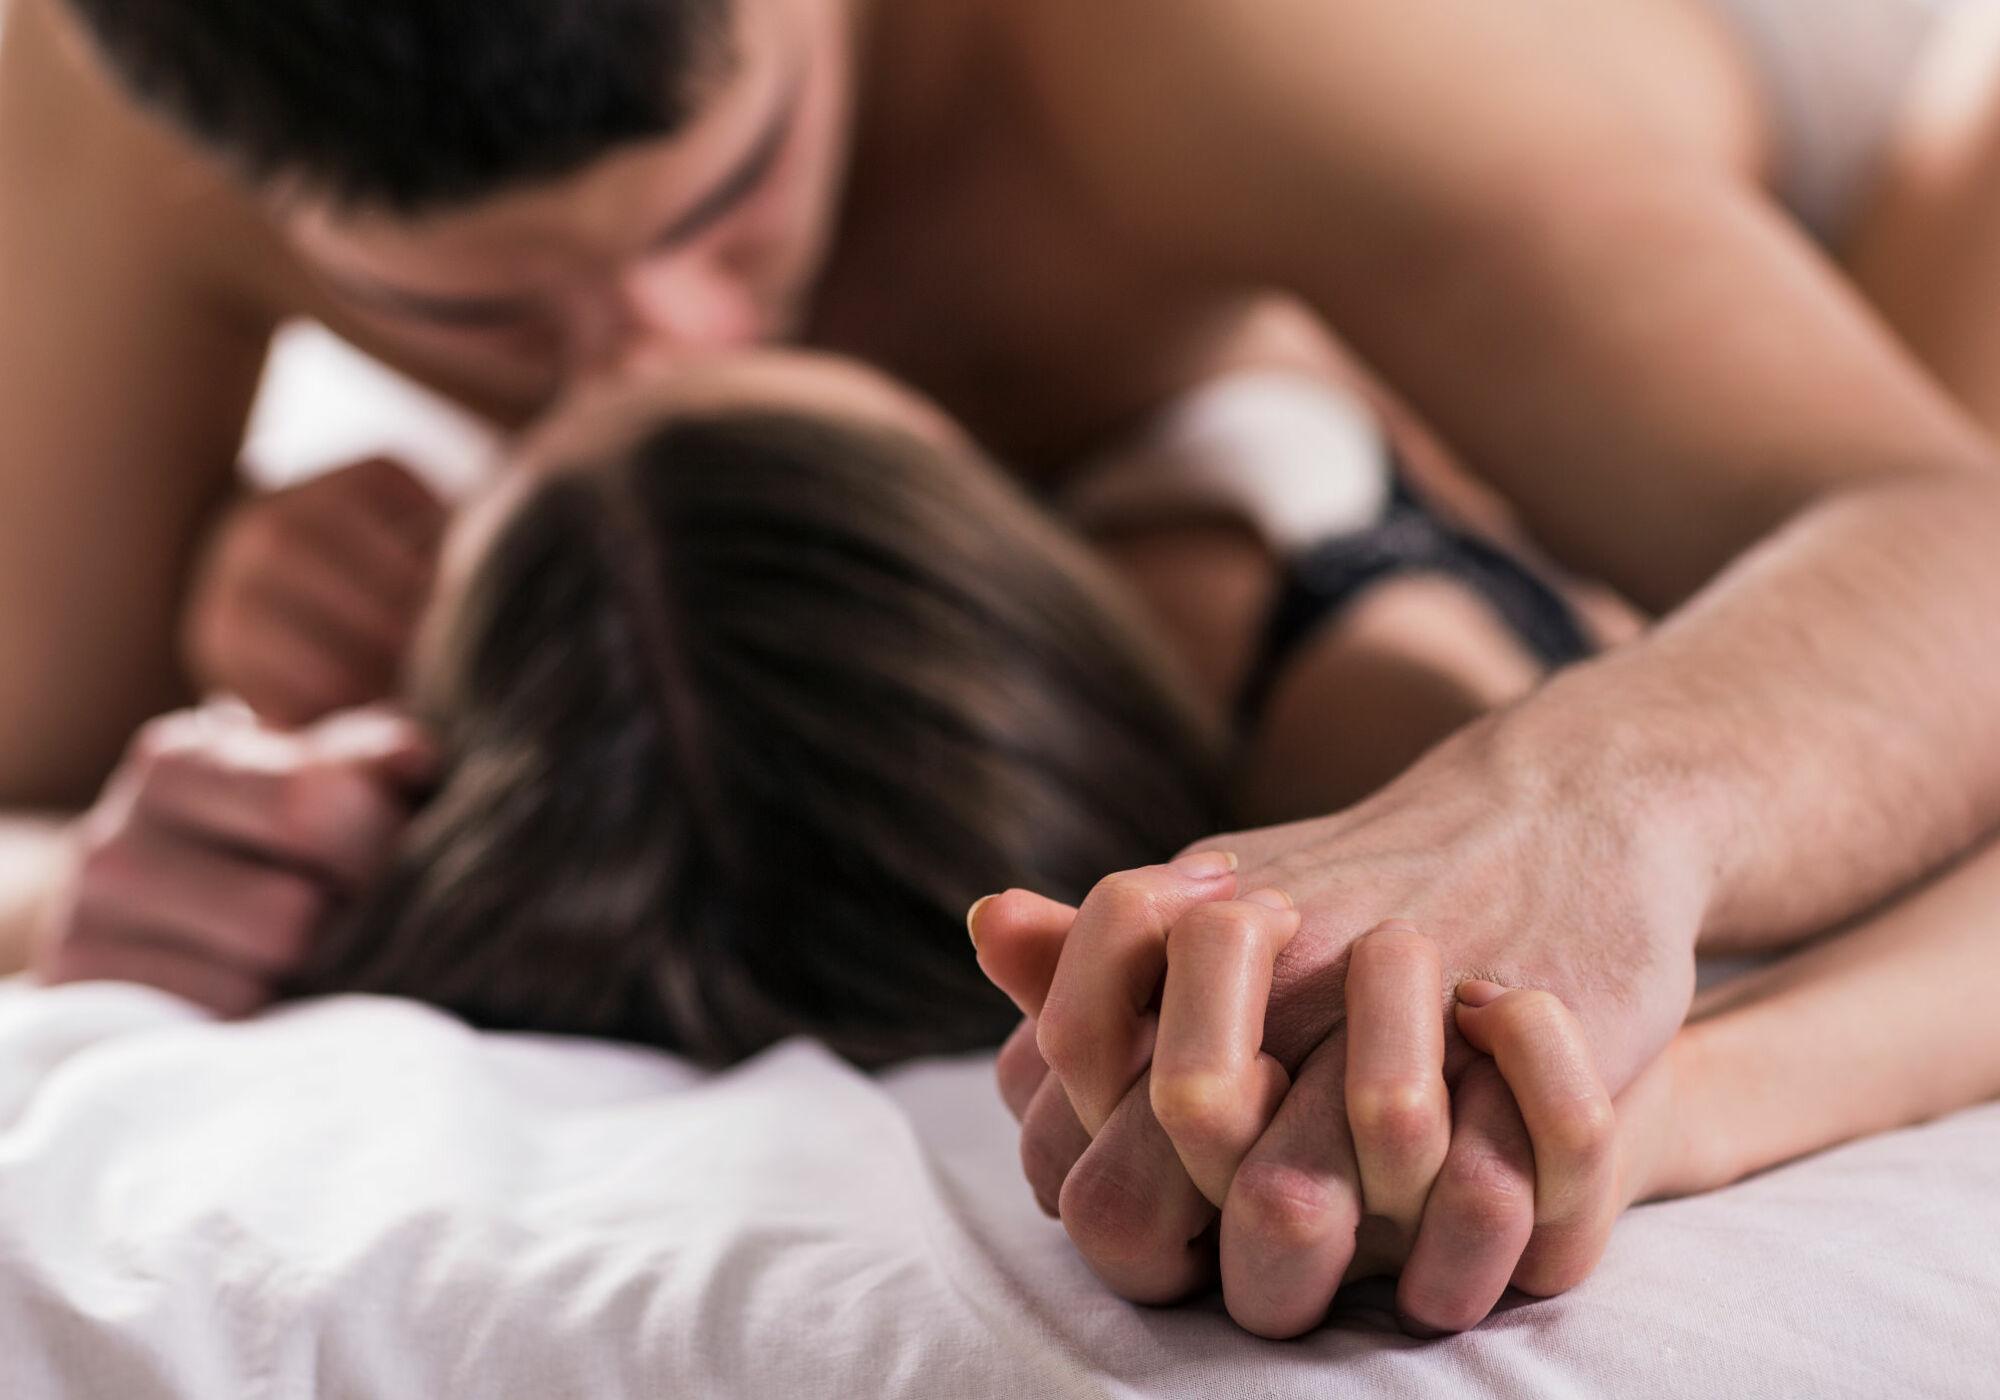 Семья занимается сексом смотреть онлайн, Семейное порно русских пар смотреть онлайн бесплатно 15 фотография